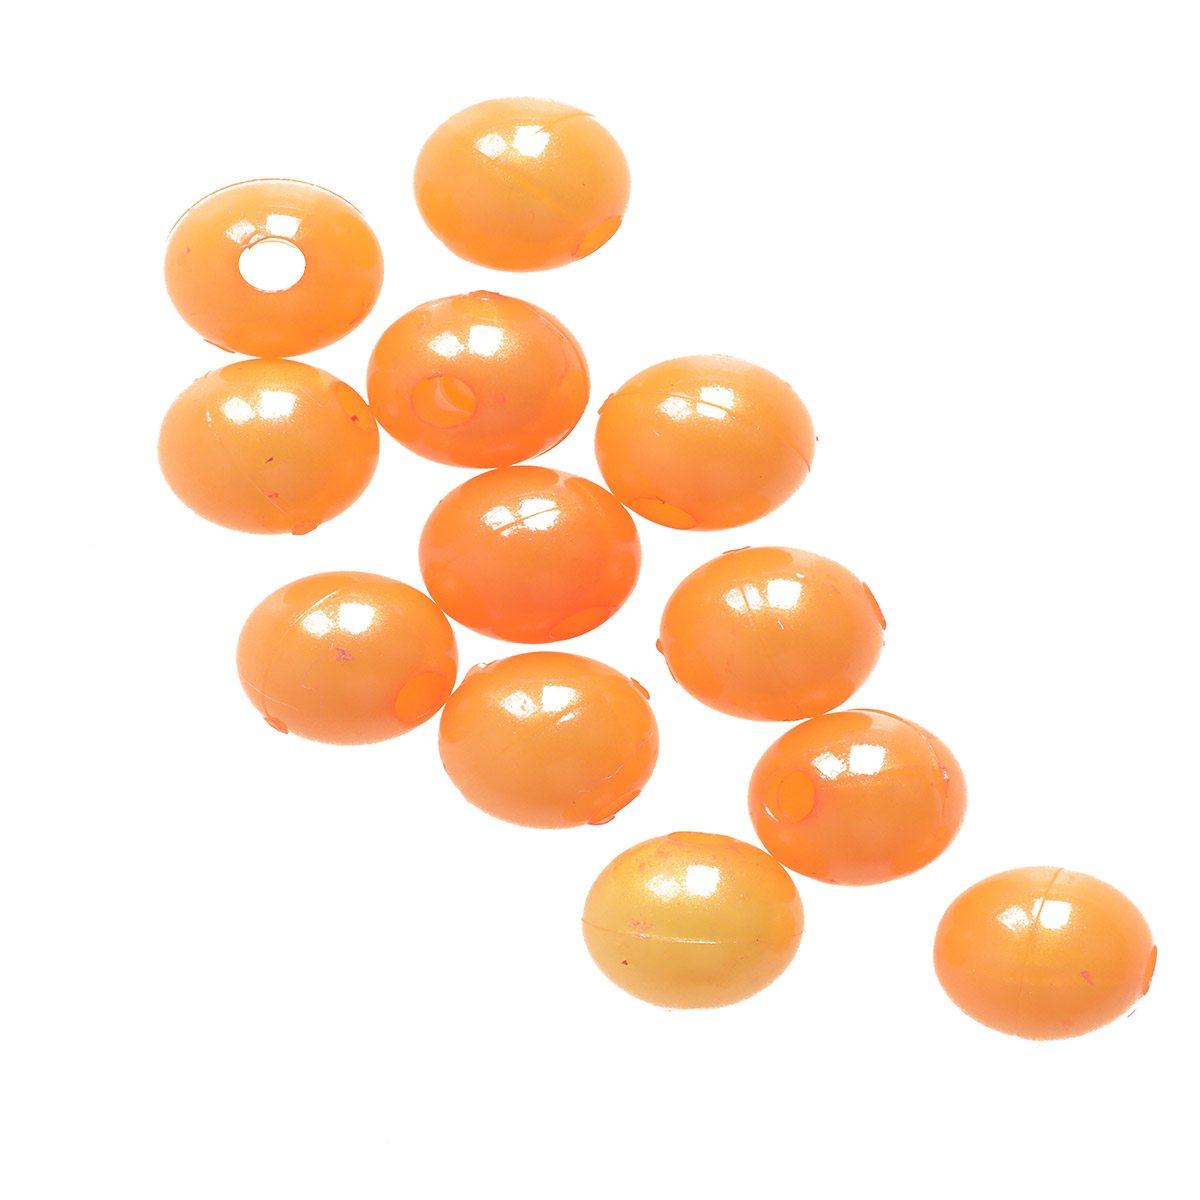 Hareline Super Eggs